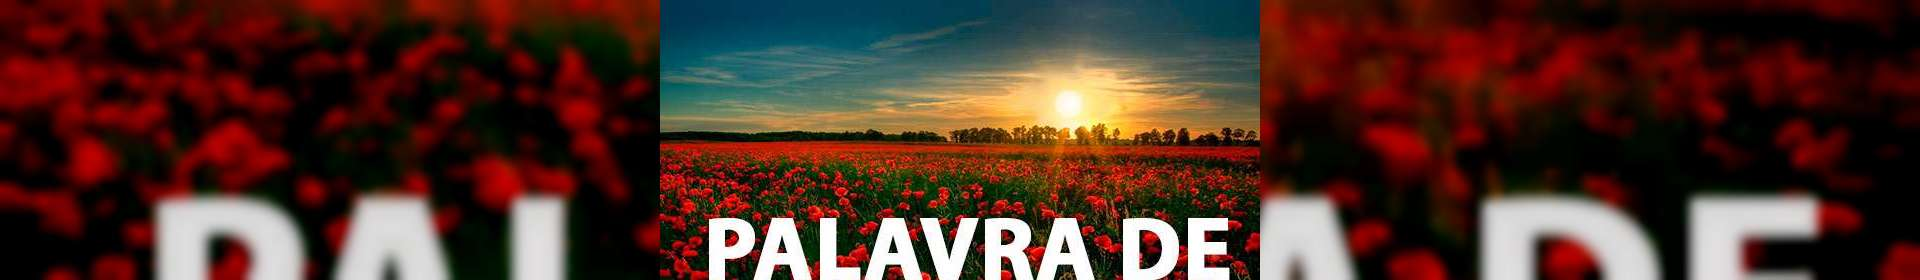 Isaías 38:1,2 - Uma Palavra de Esperança para sua vida